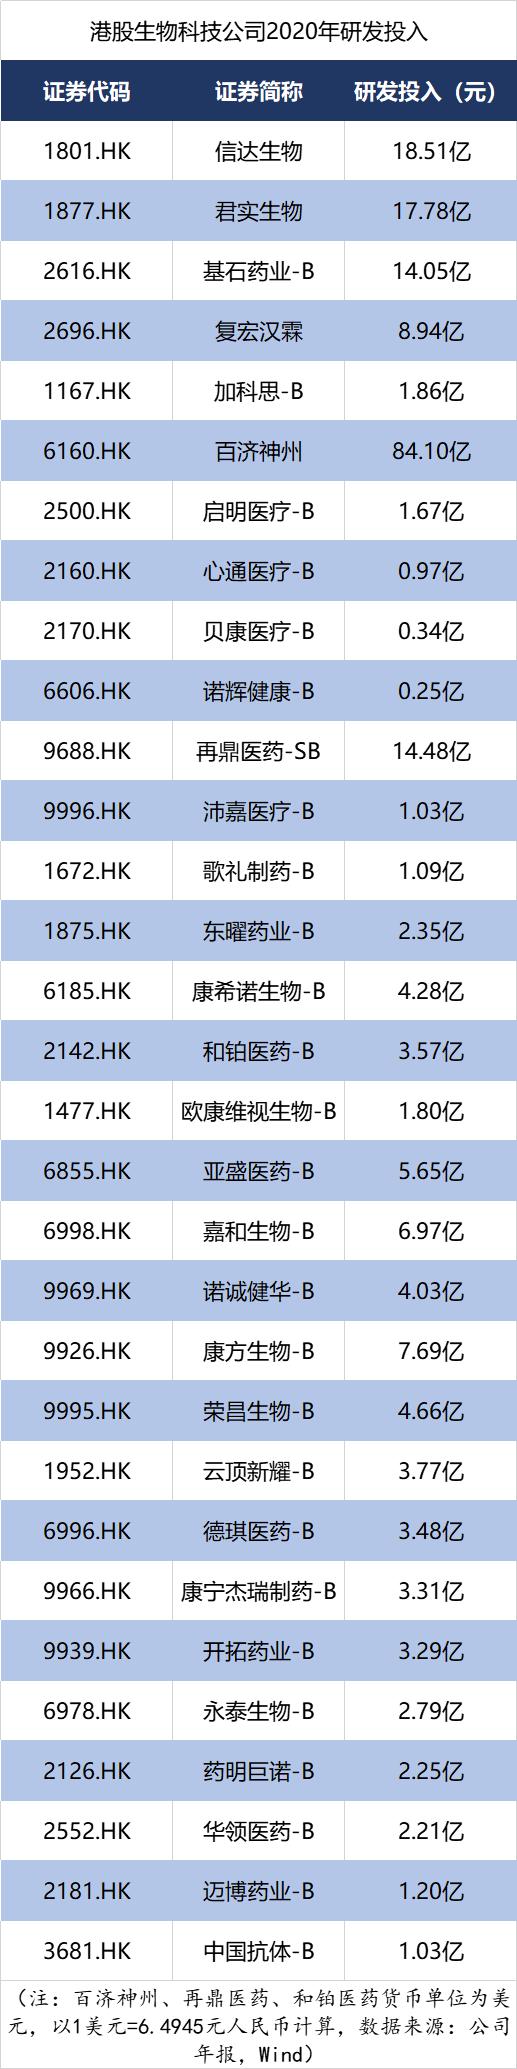 """摘""""B""""难逃亏损,31家港股""""-B""""生物科技企业平均亏损15亿元,3成收入为0"""